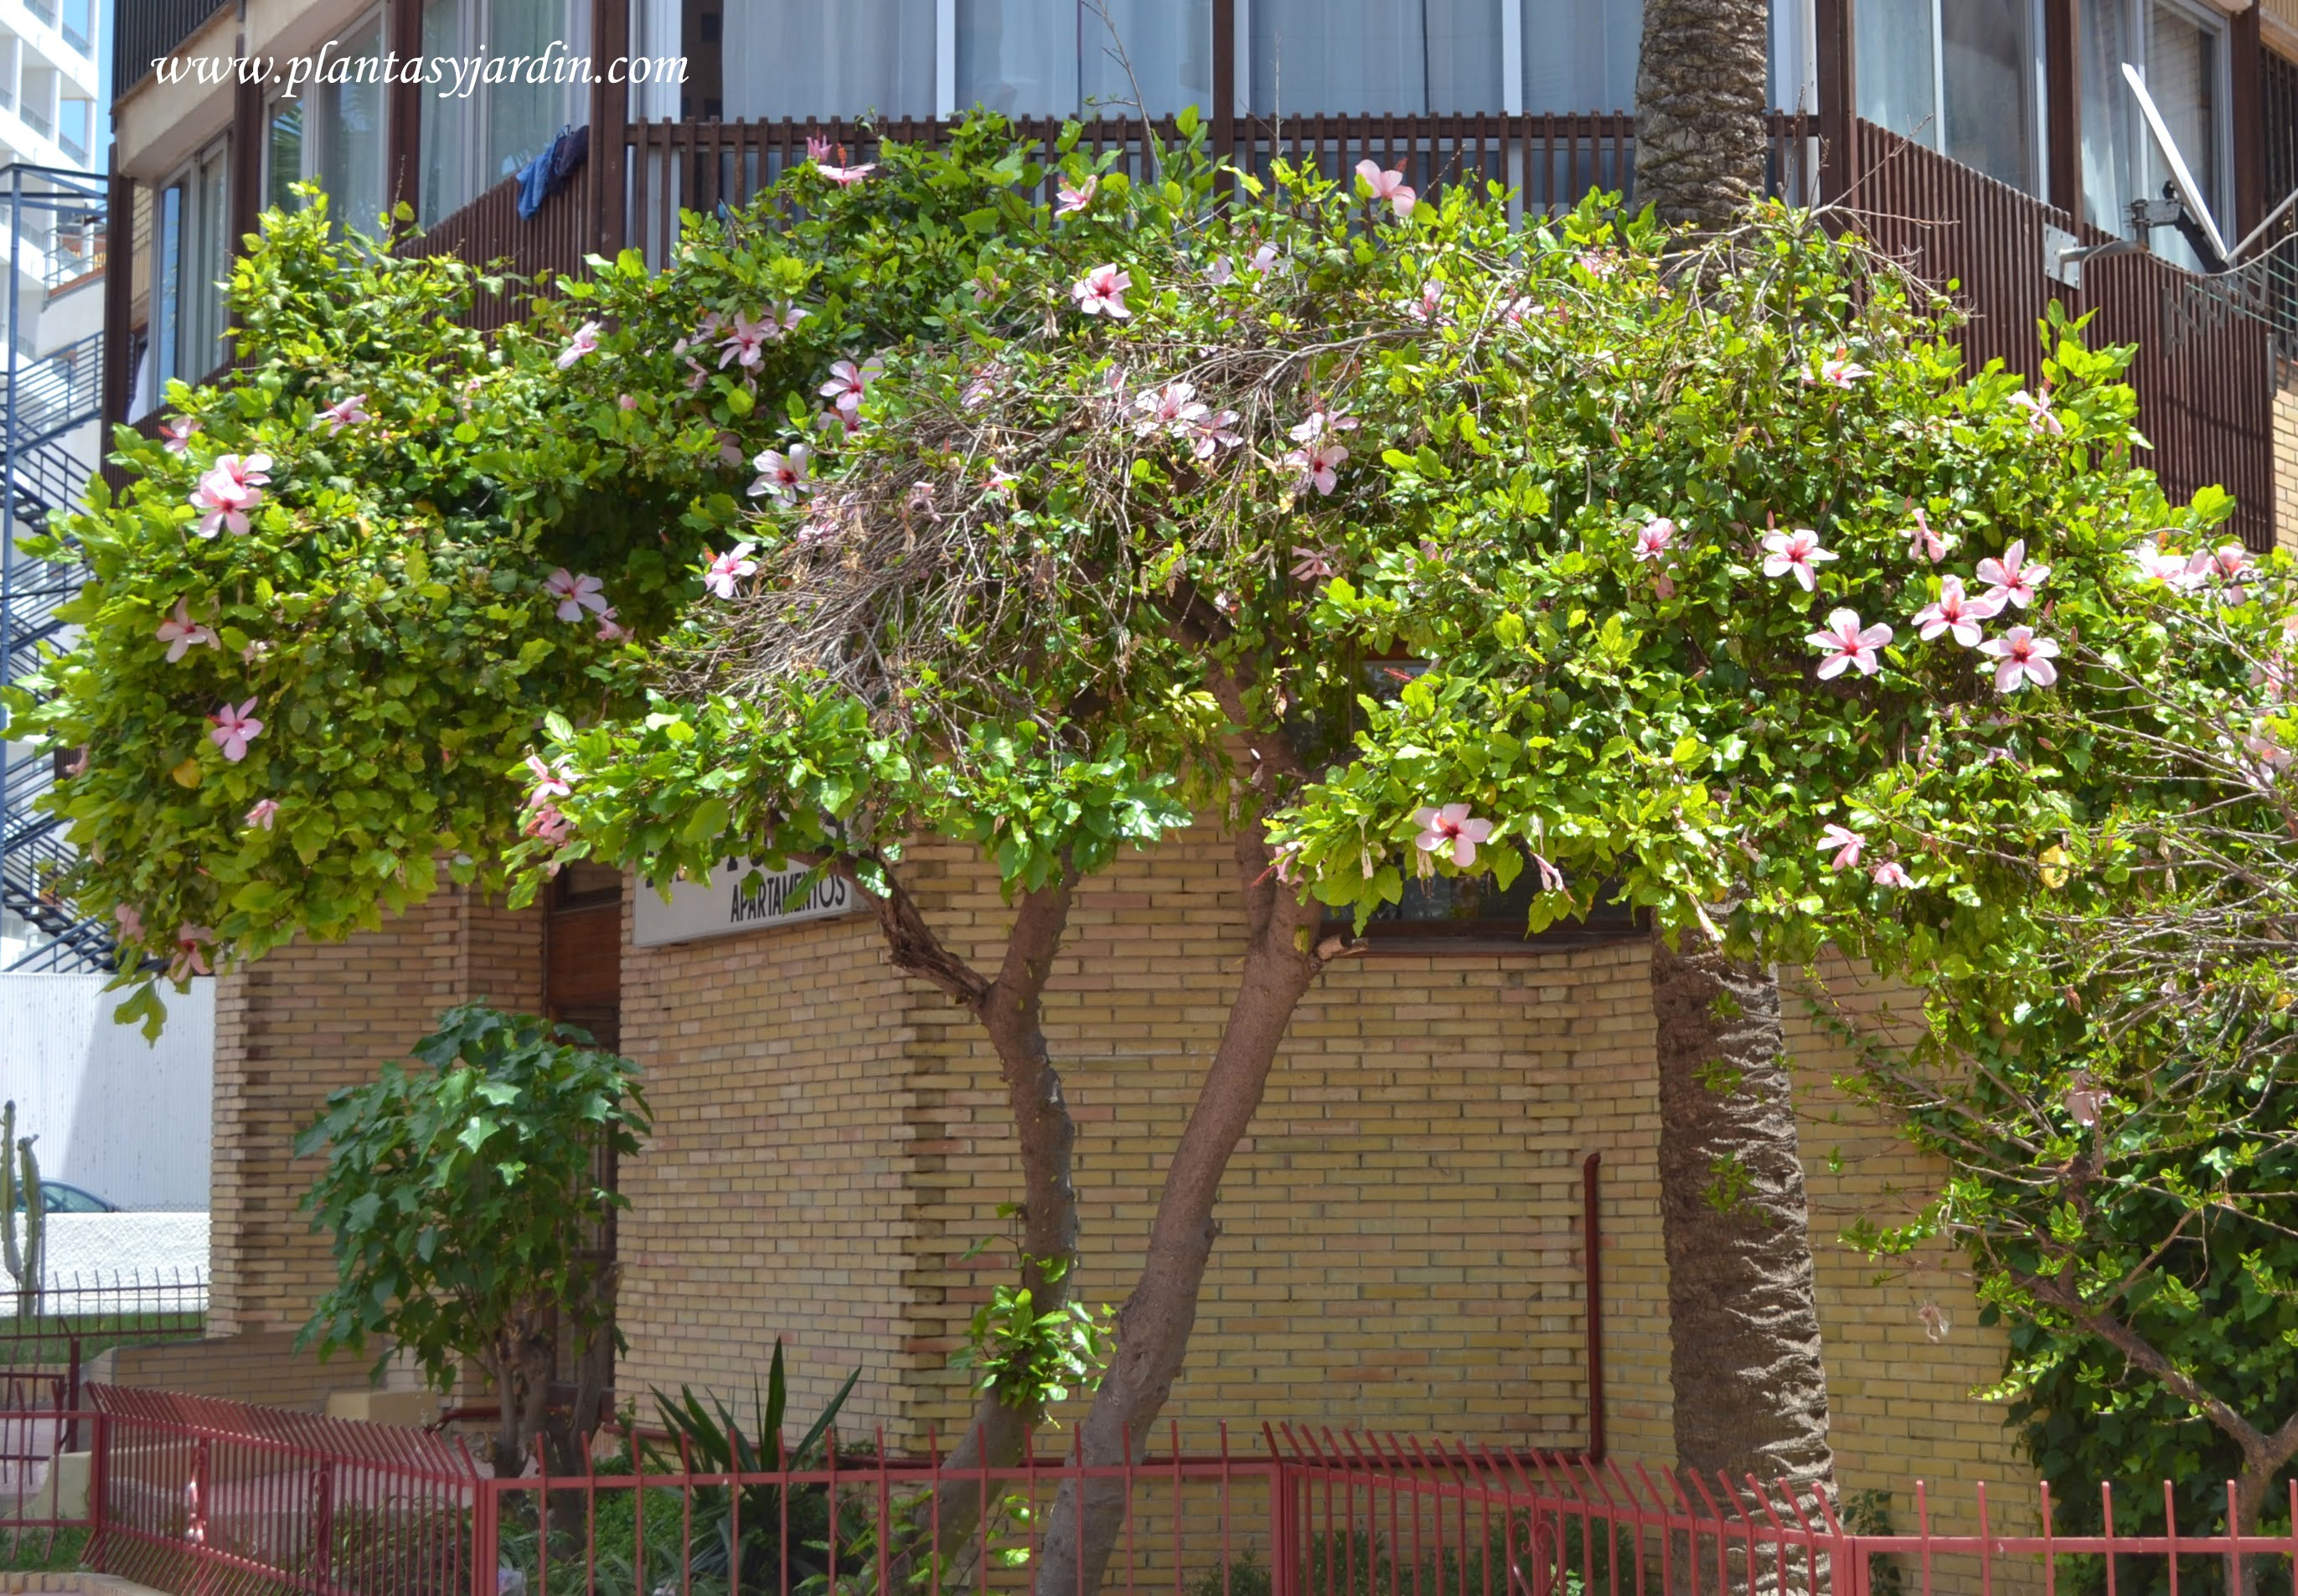 Rboles ornamentales para jardines peque os plantas y jard n - Arbusto pequeno con flores ...